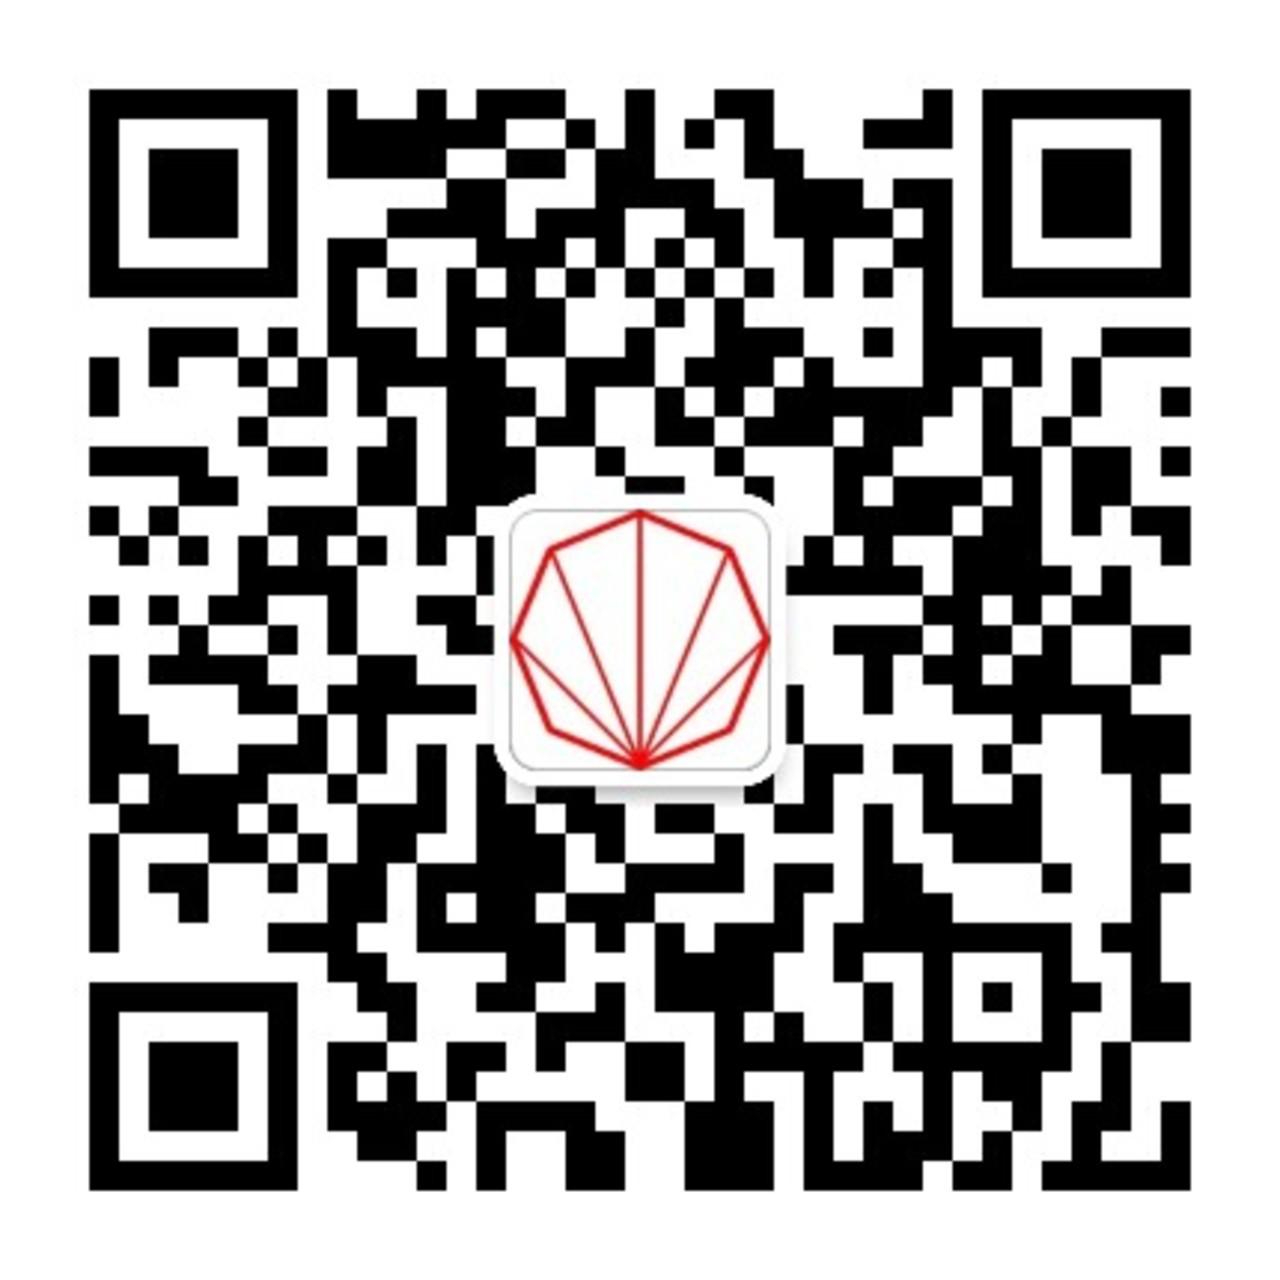 qrcode_for_成都完形欧宝体育官方网站欧宝体育客户端官方下载公司_1280